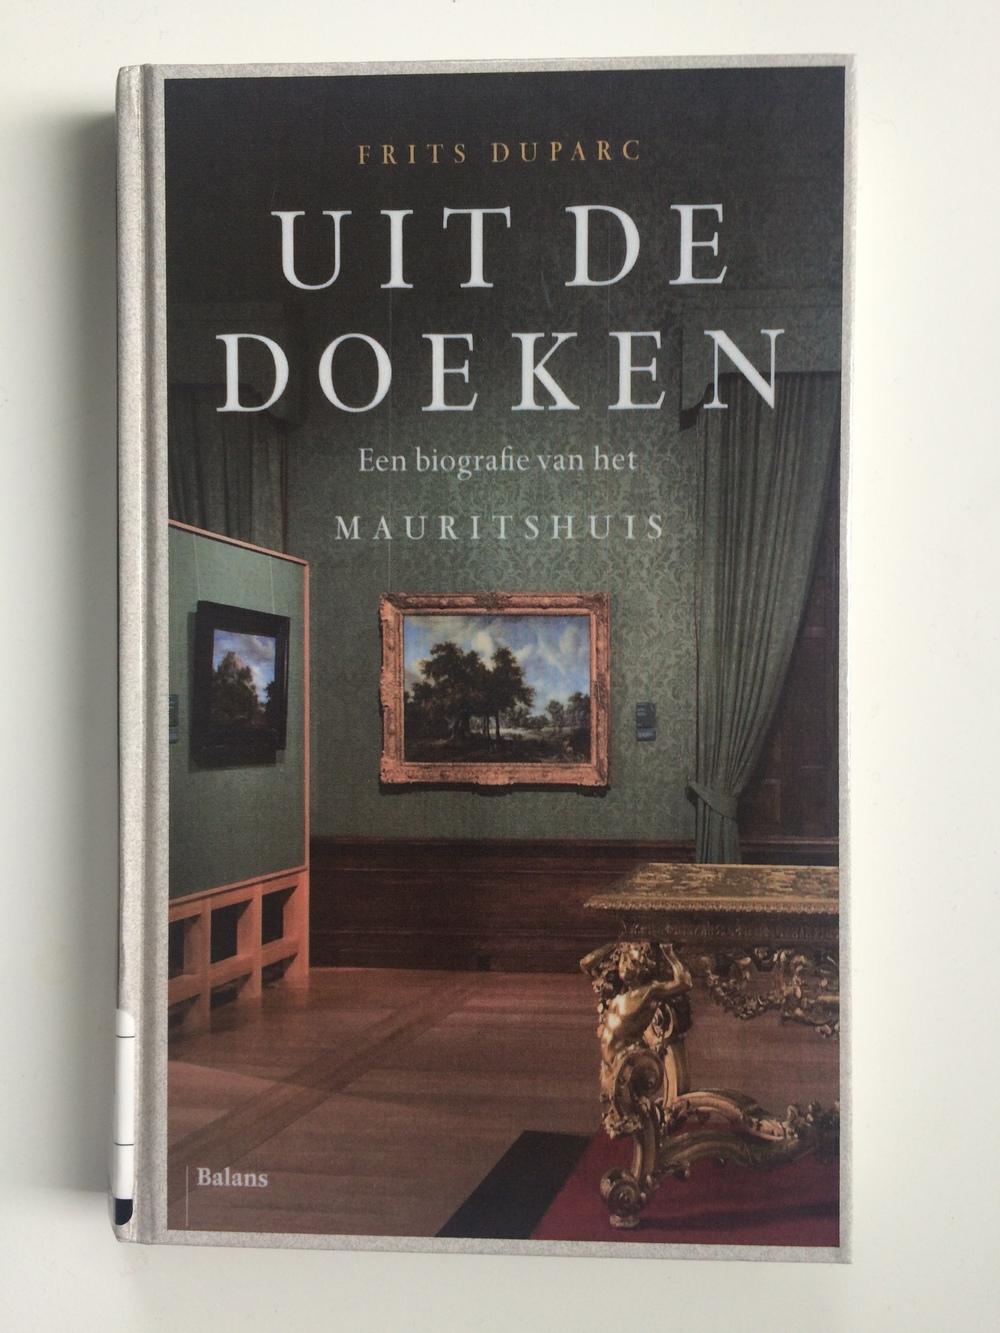 Uit de doeken, een biografie van het Mauritshuis, Frits Duparc, De Museumpodcast